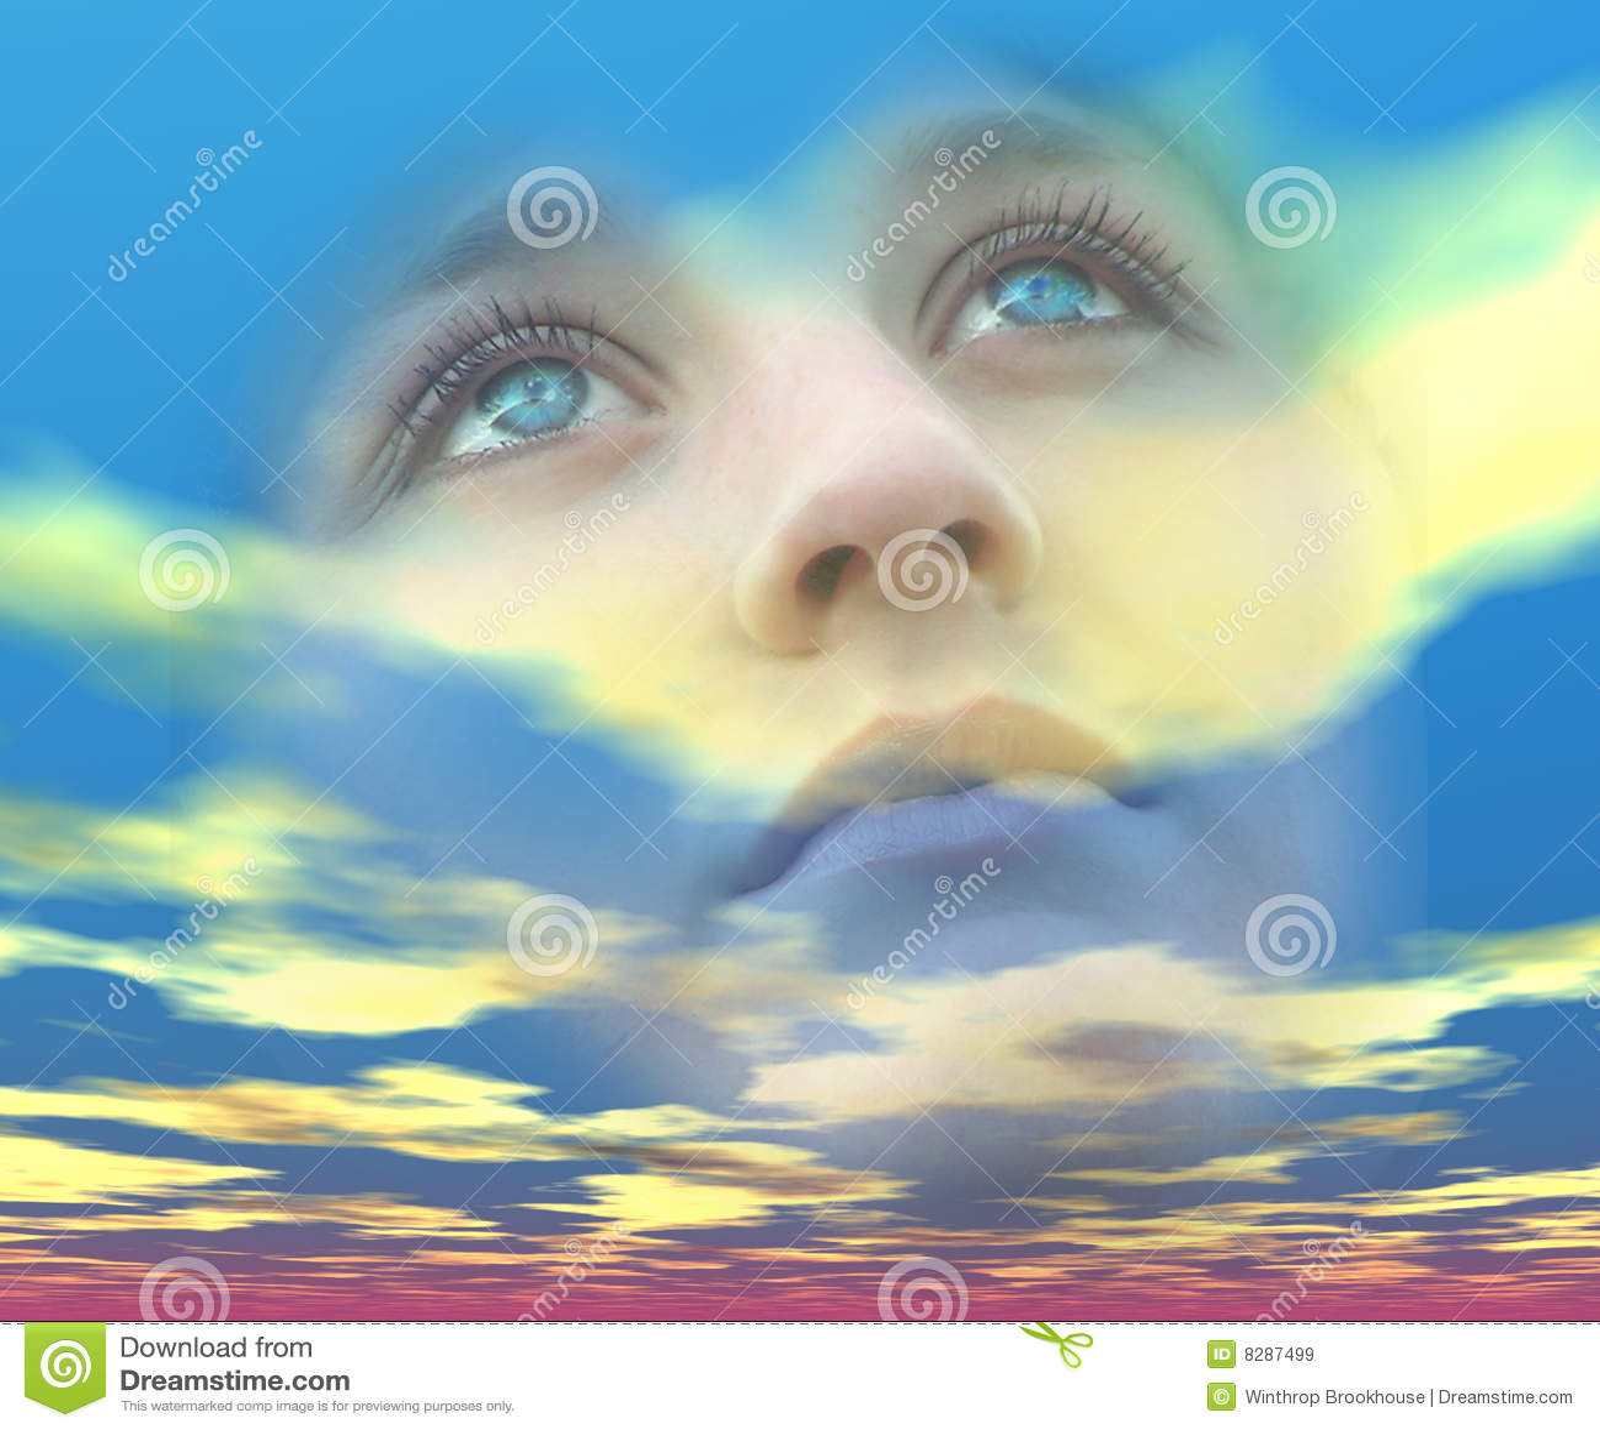 梦想的眼睛